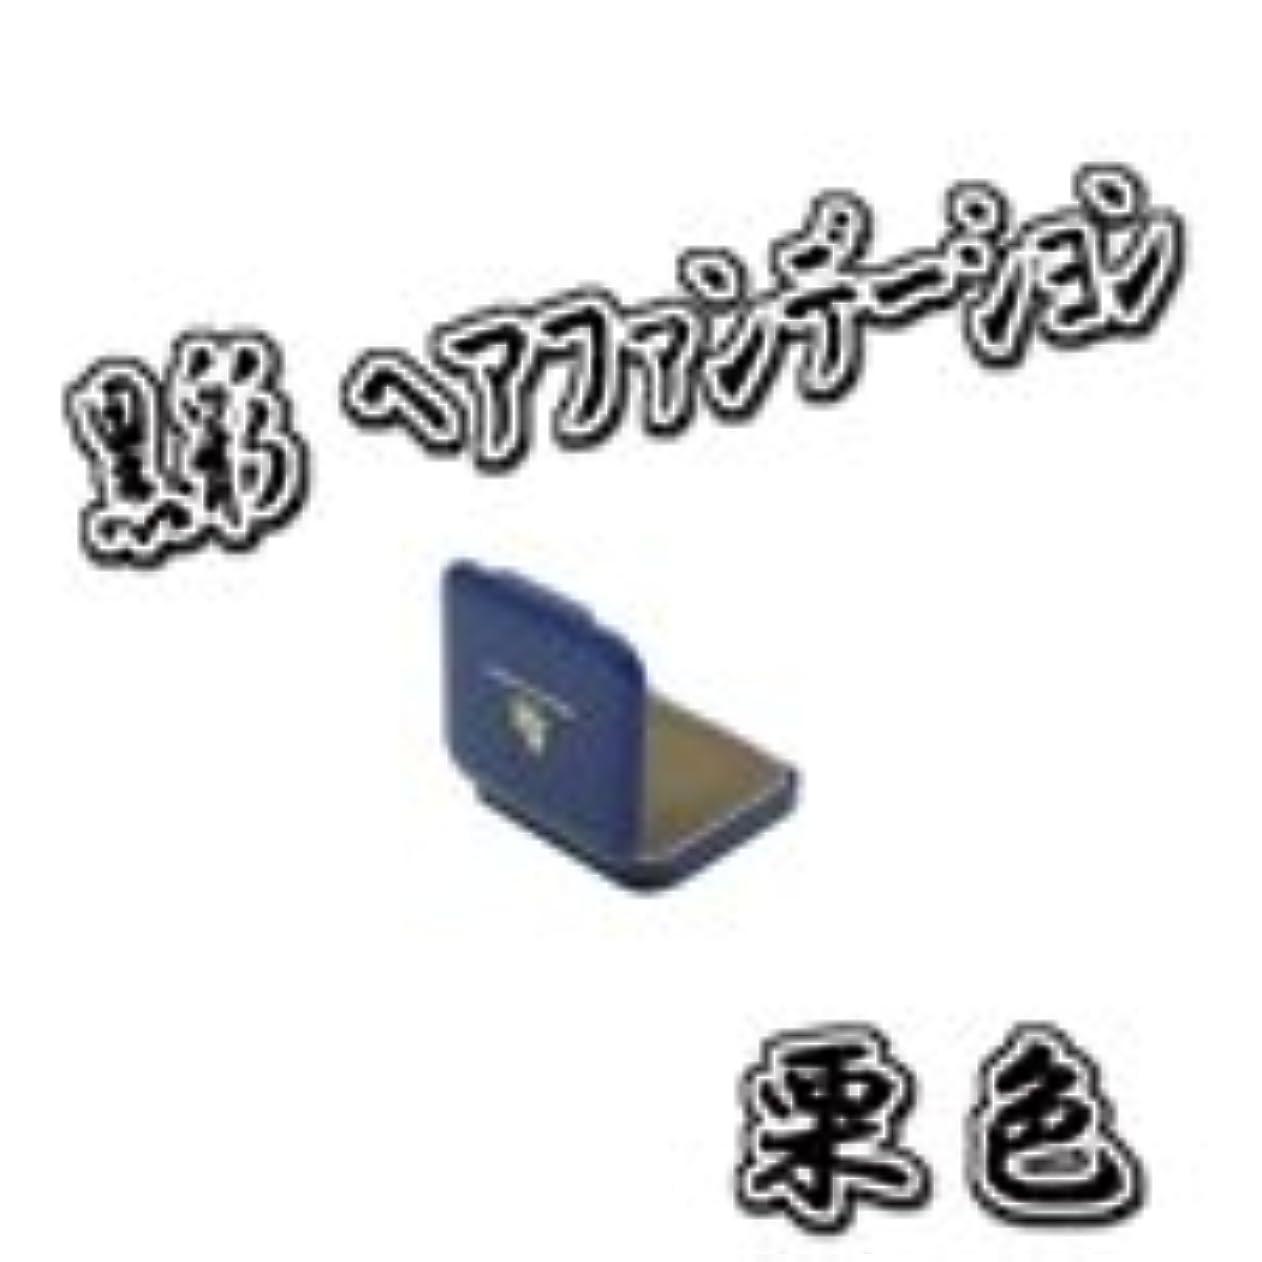 ホステスギャザー生理AMOROS アモロス 黒彩 ヘアファンデーション 【栗】 13g ミニケース パフ付